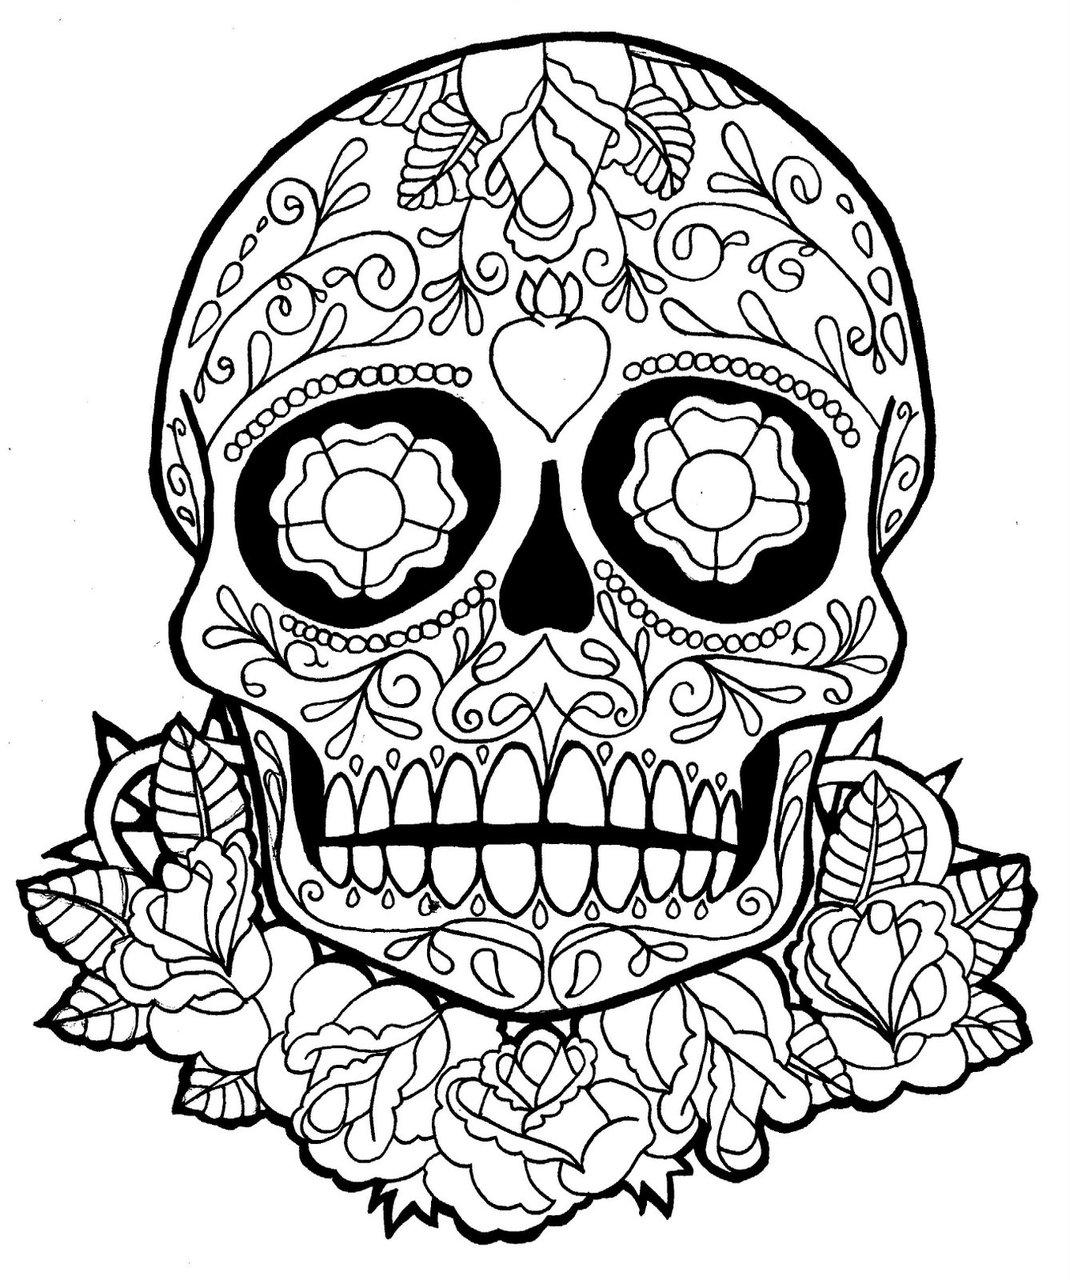 Drawn sugar skull dia de los muertos Edudenecochea má Holiday  Halloween